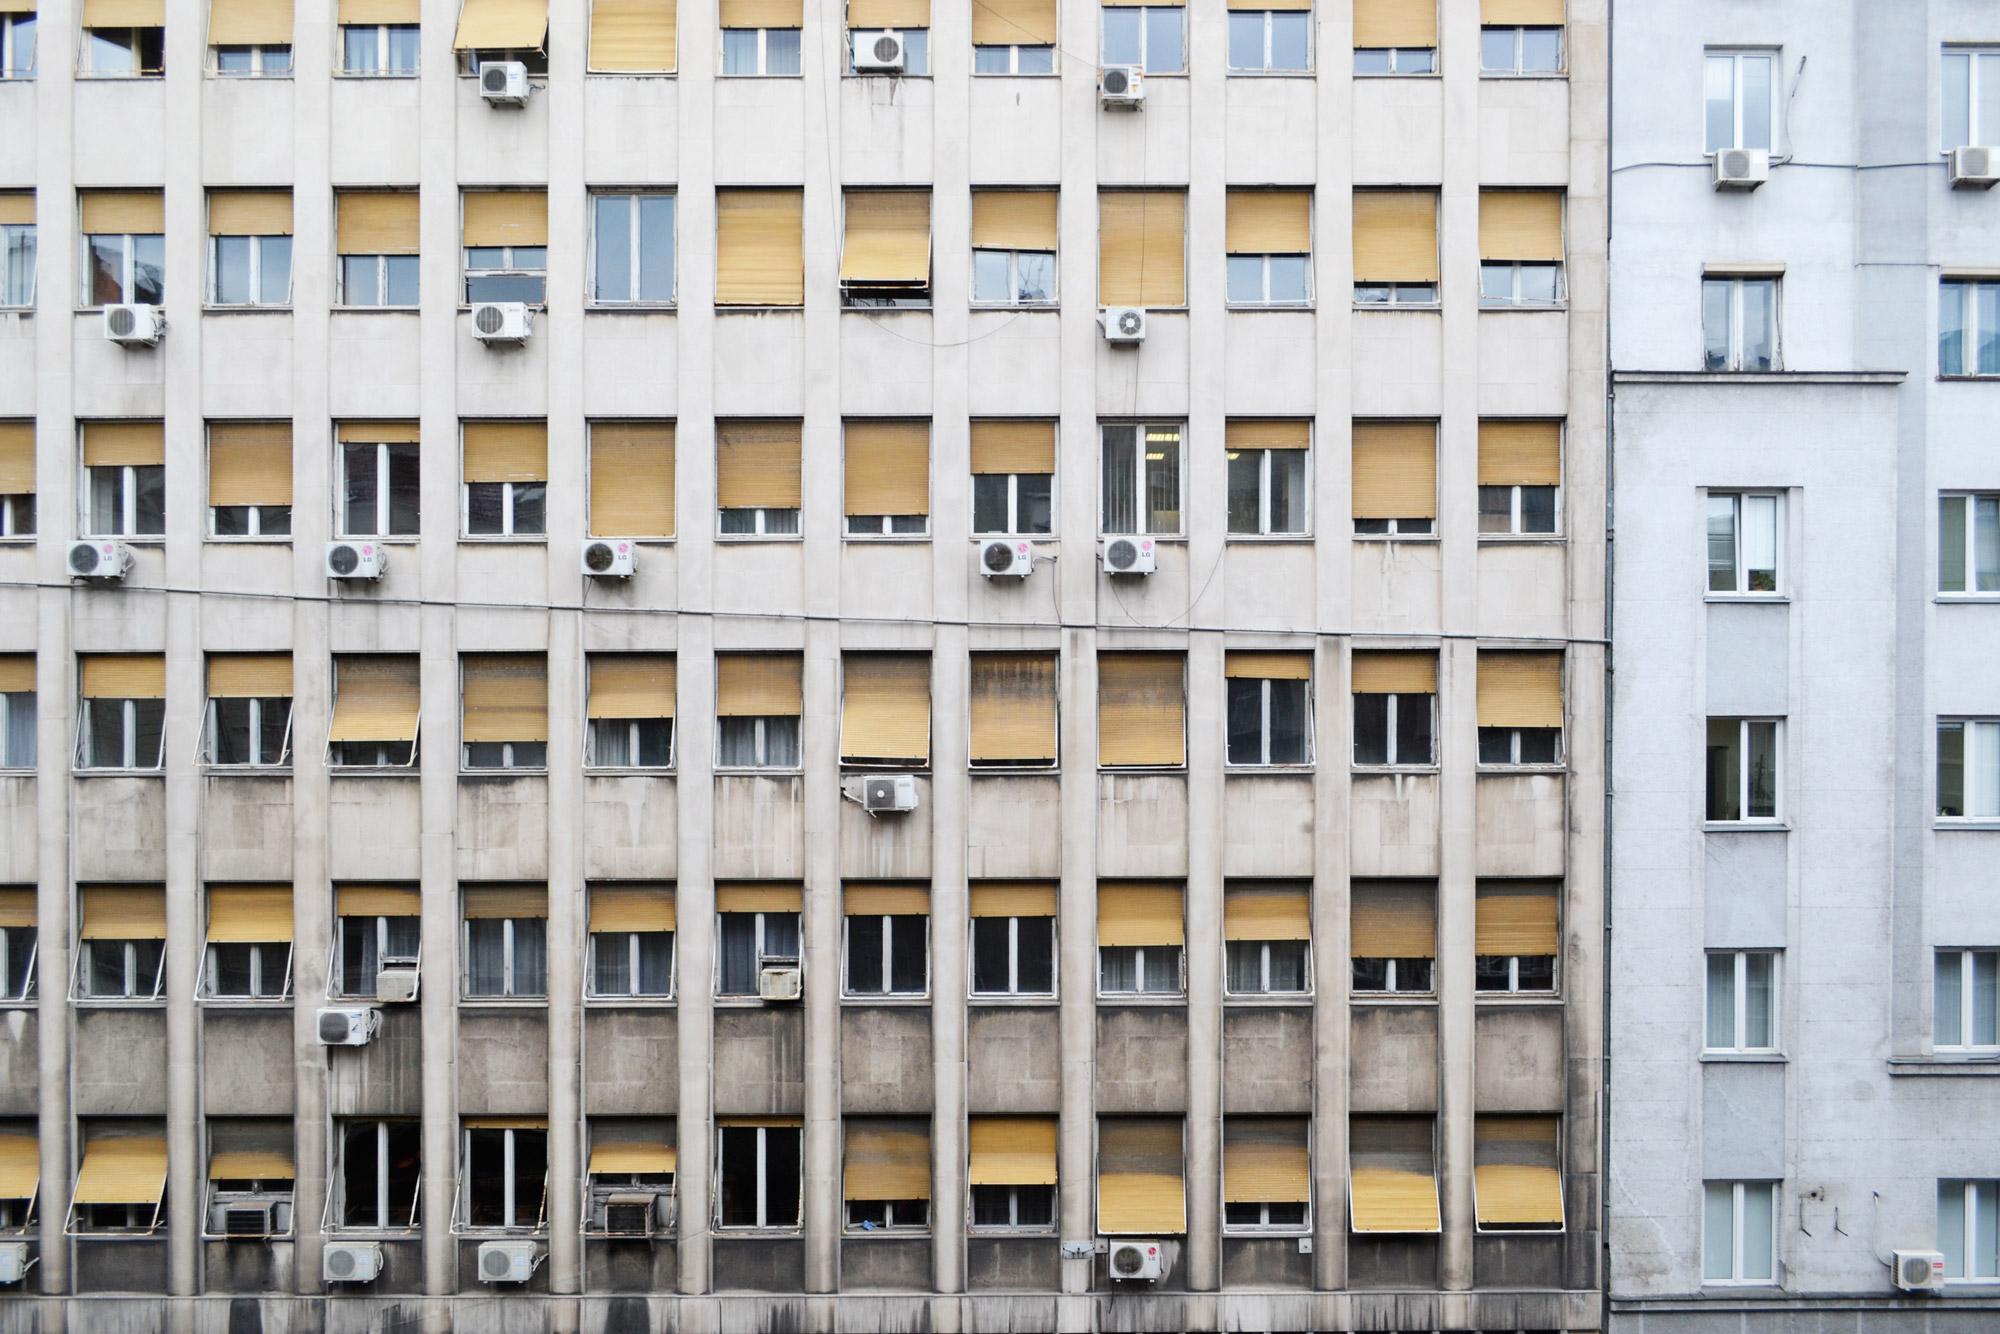 urbanbacklog-belgrade-building-textures-1.jpg